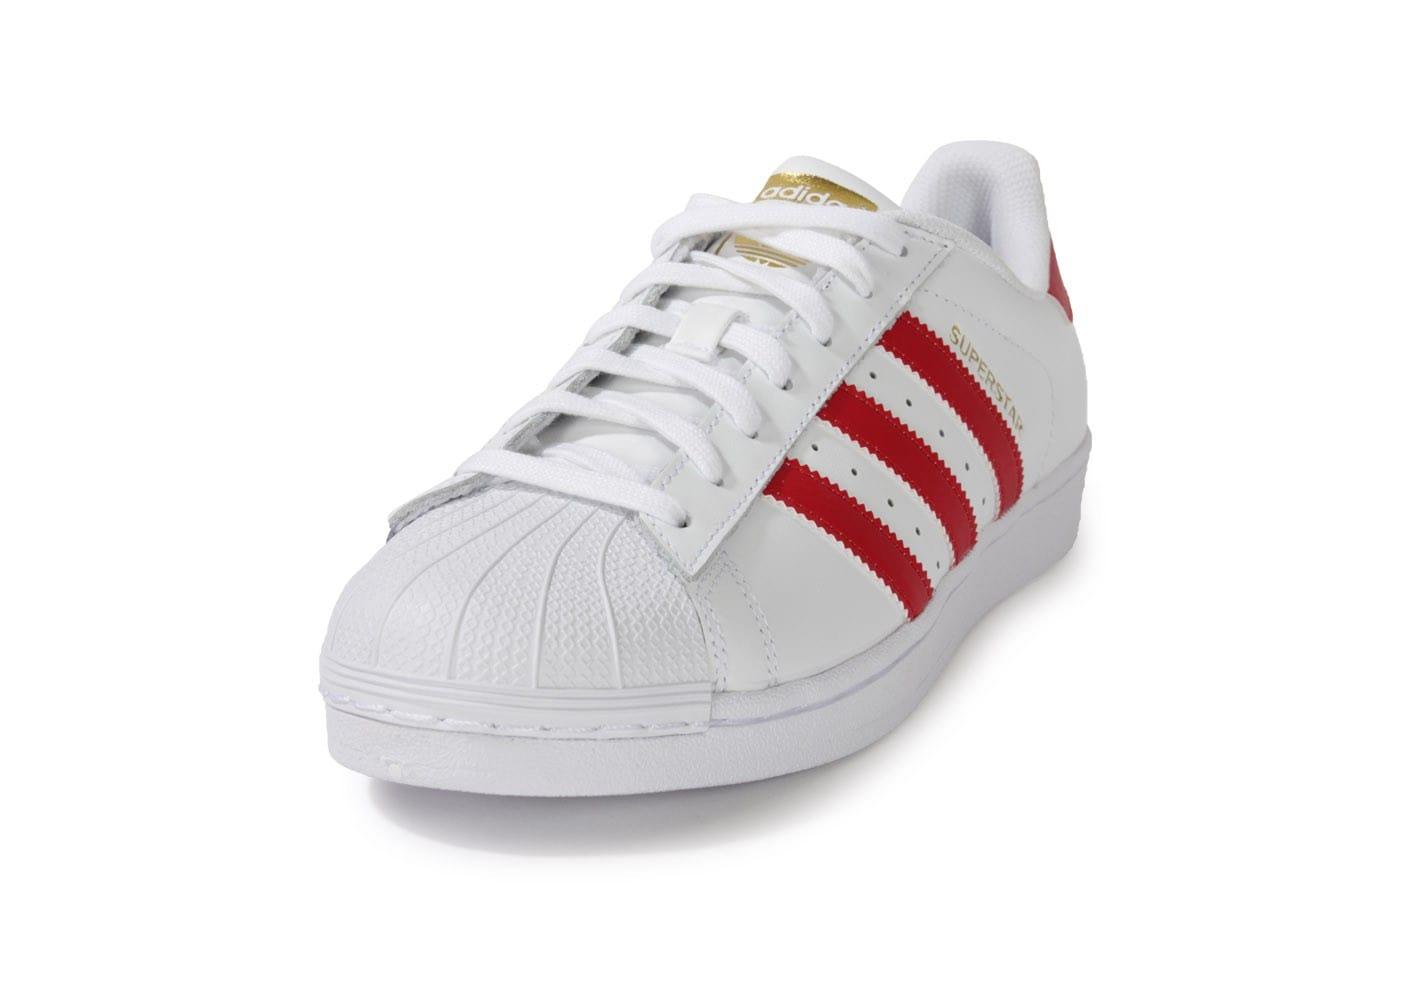 official photos c4017 ef689 Acheter adidas superstar homme rouge et blanc original pas cher ici en  ligne avec le prix le plus bas possible. Remises spéciales sur les  nouvelles offres ...